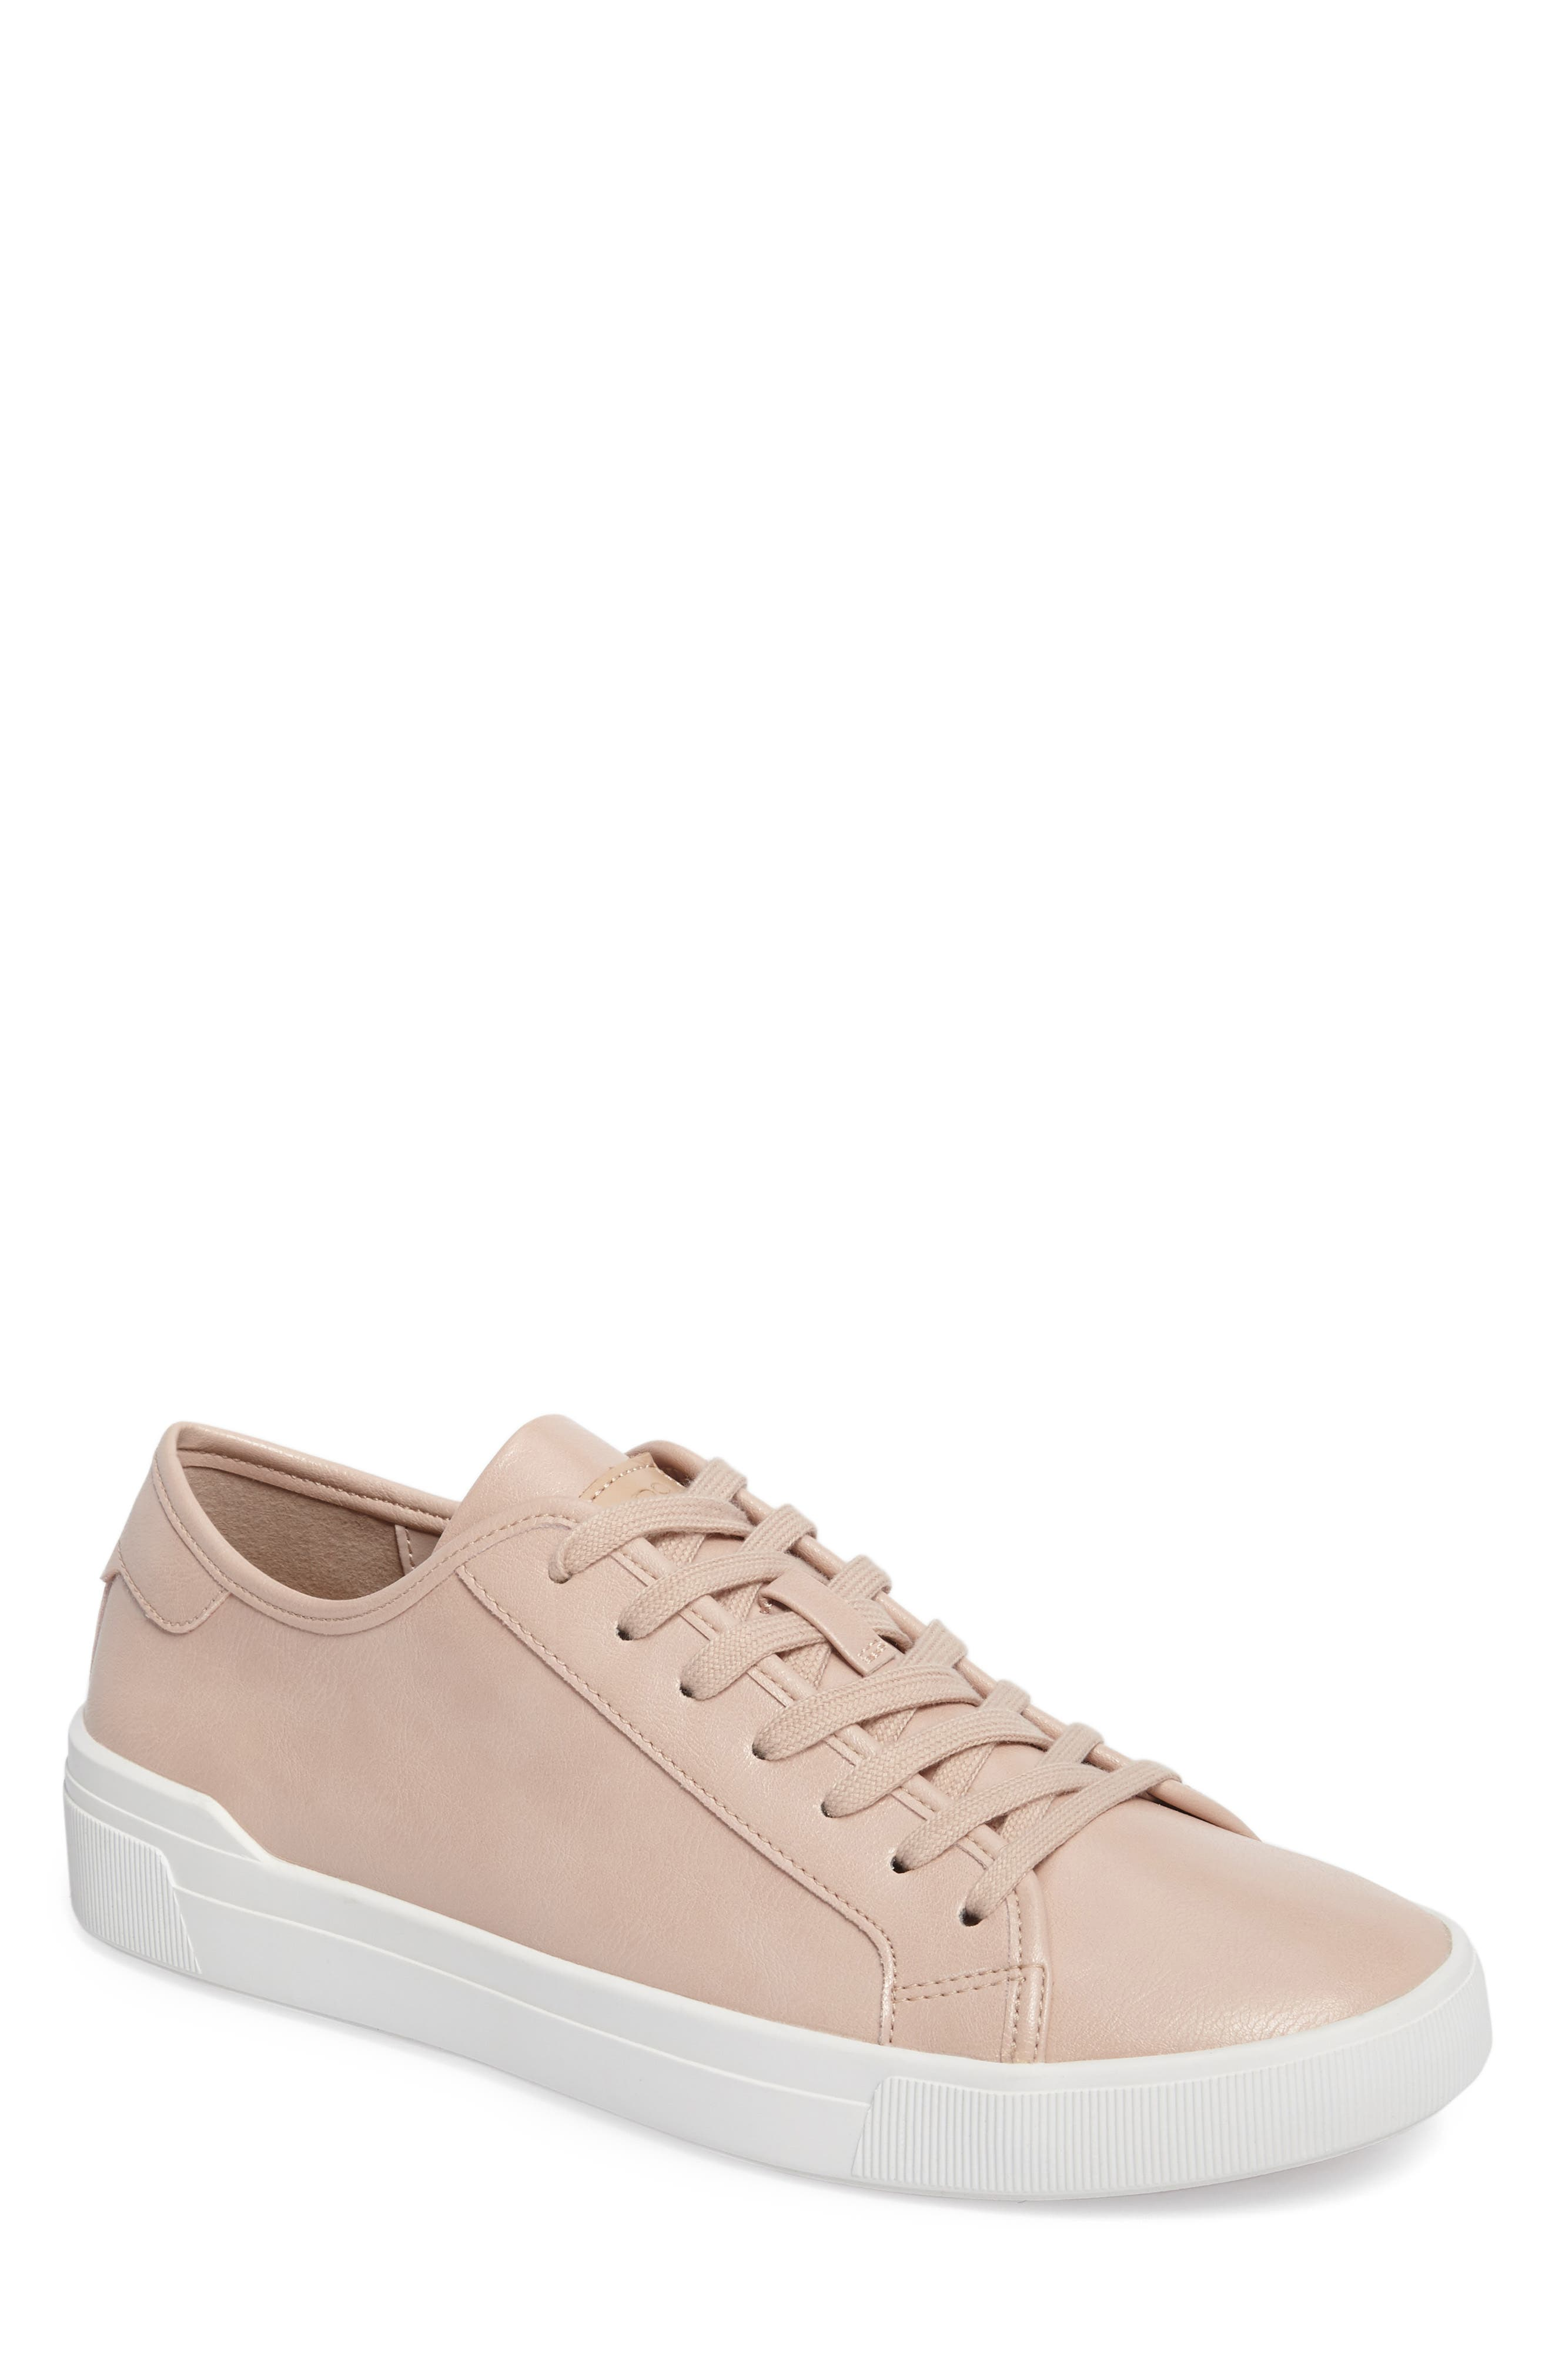 Alternate Image 1 Selected - ALDO Haener Sneaker (Men)